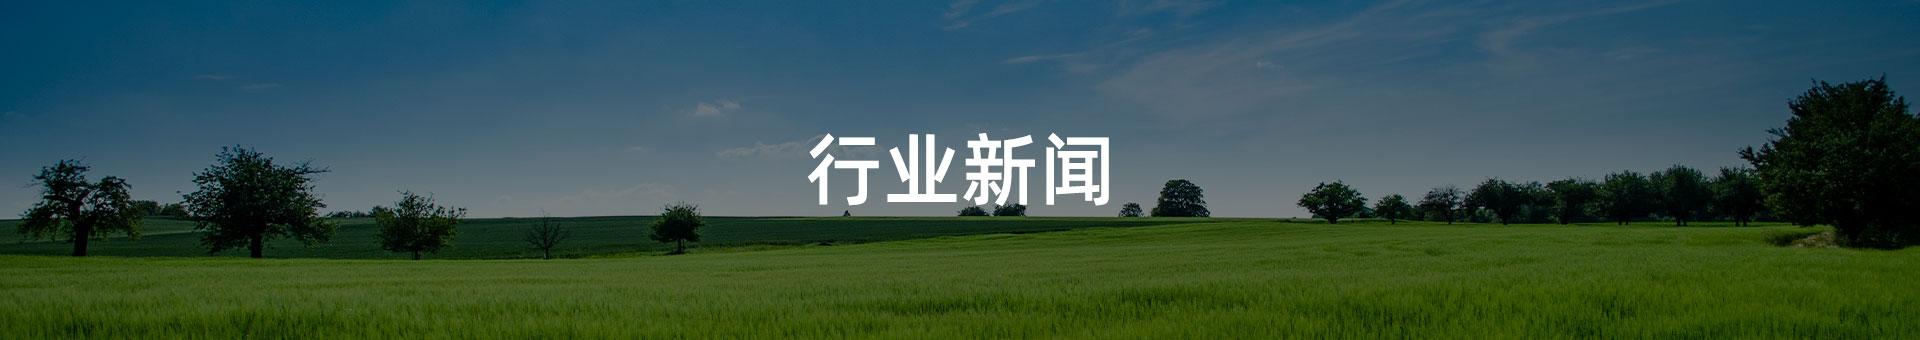 空气千赢国际登陆_环境监测仪_环境监测终端_气体千赢国际登陆